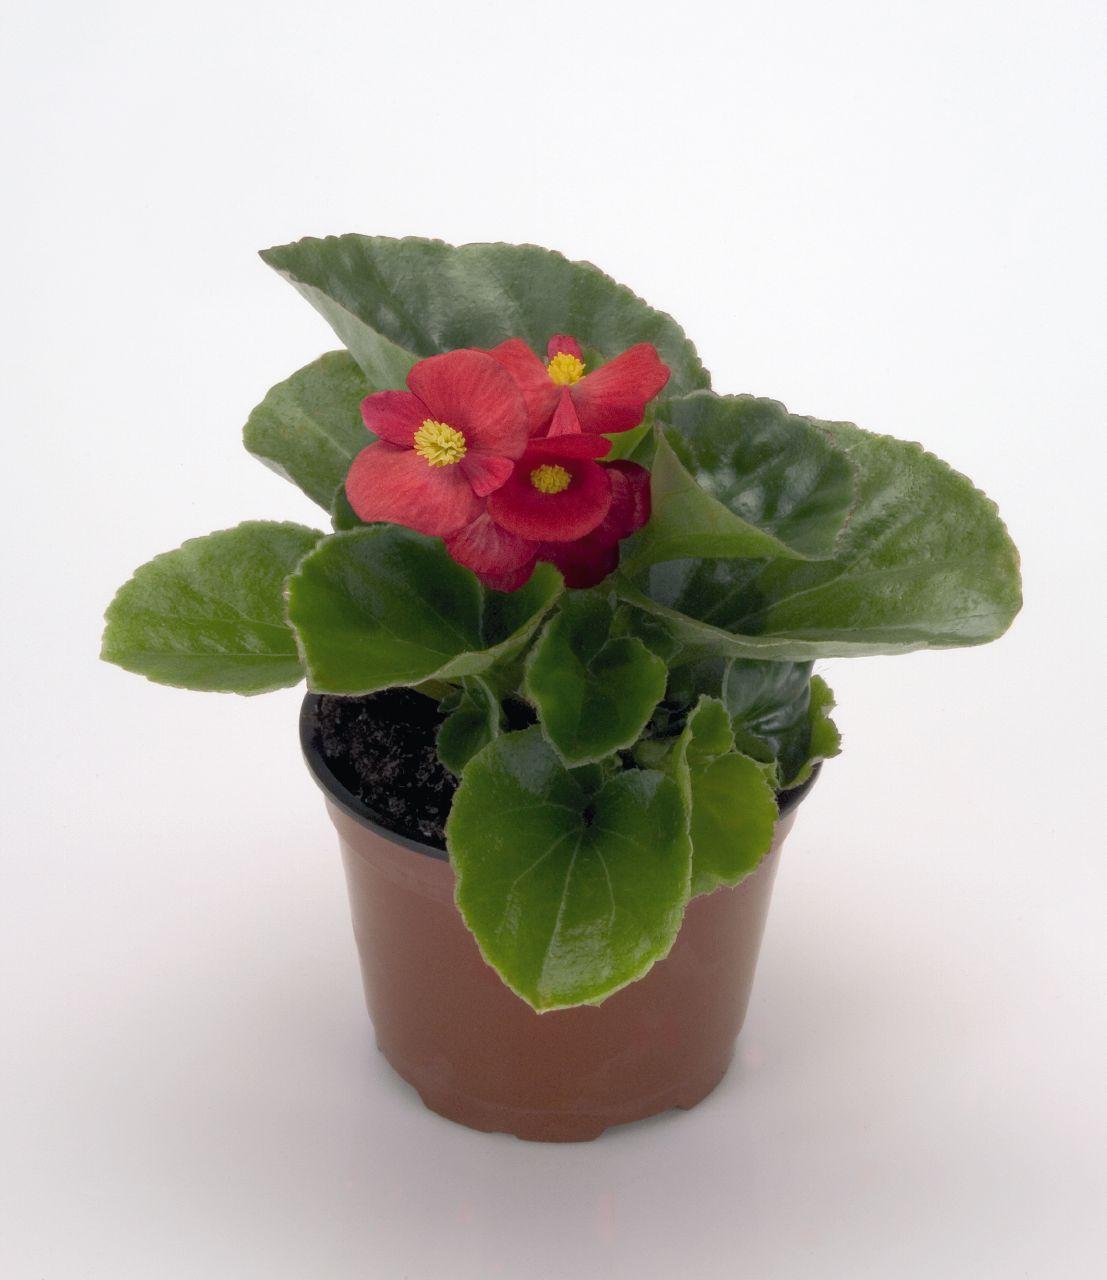 flores jardim exterior : flores jardim exterior:Plantas e Flores: Begónia (de flor ou de jardim)